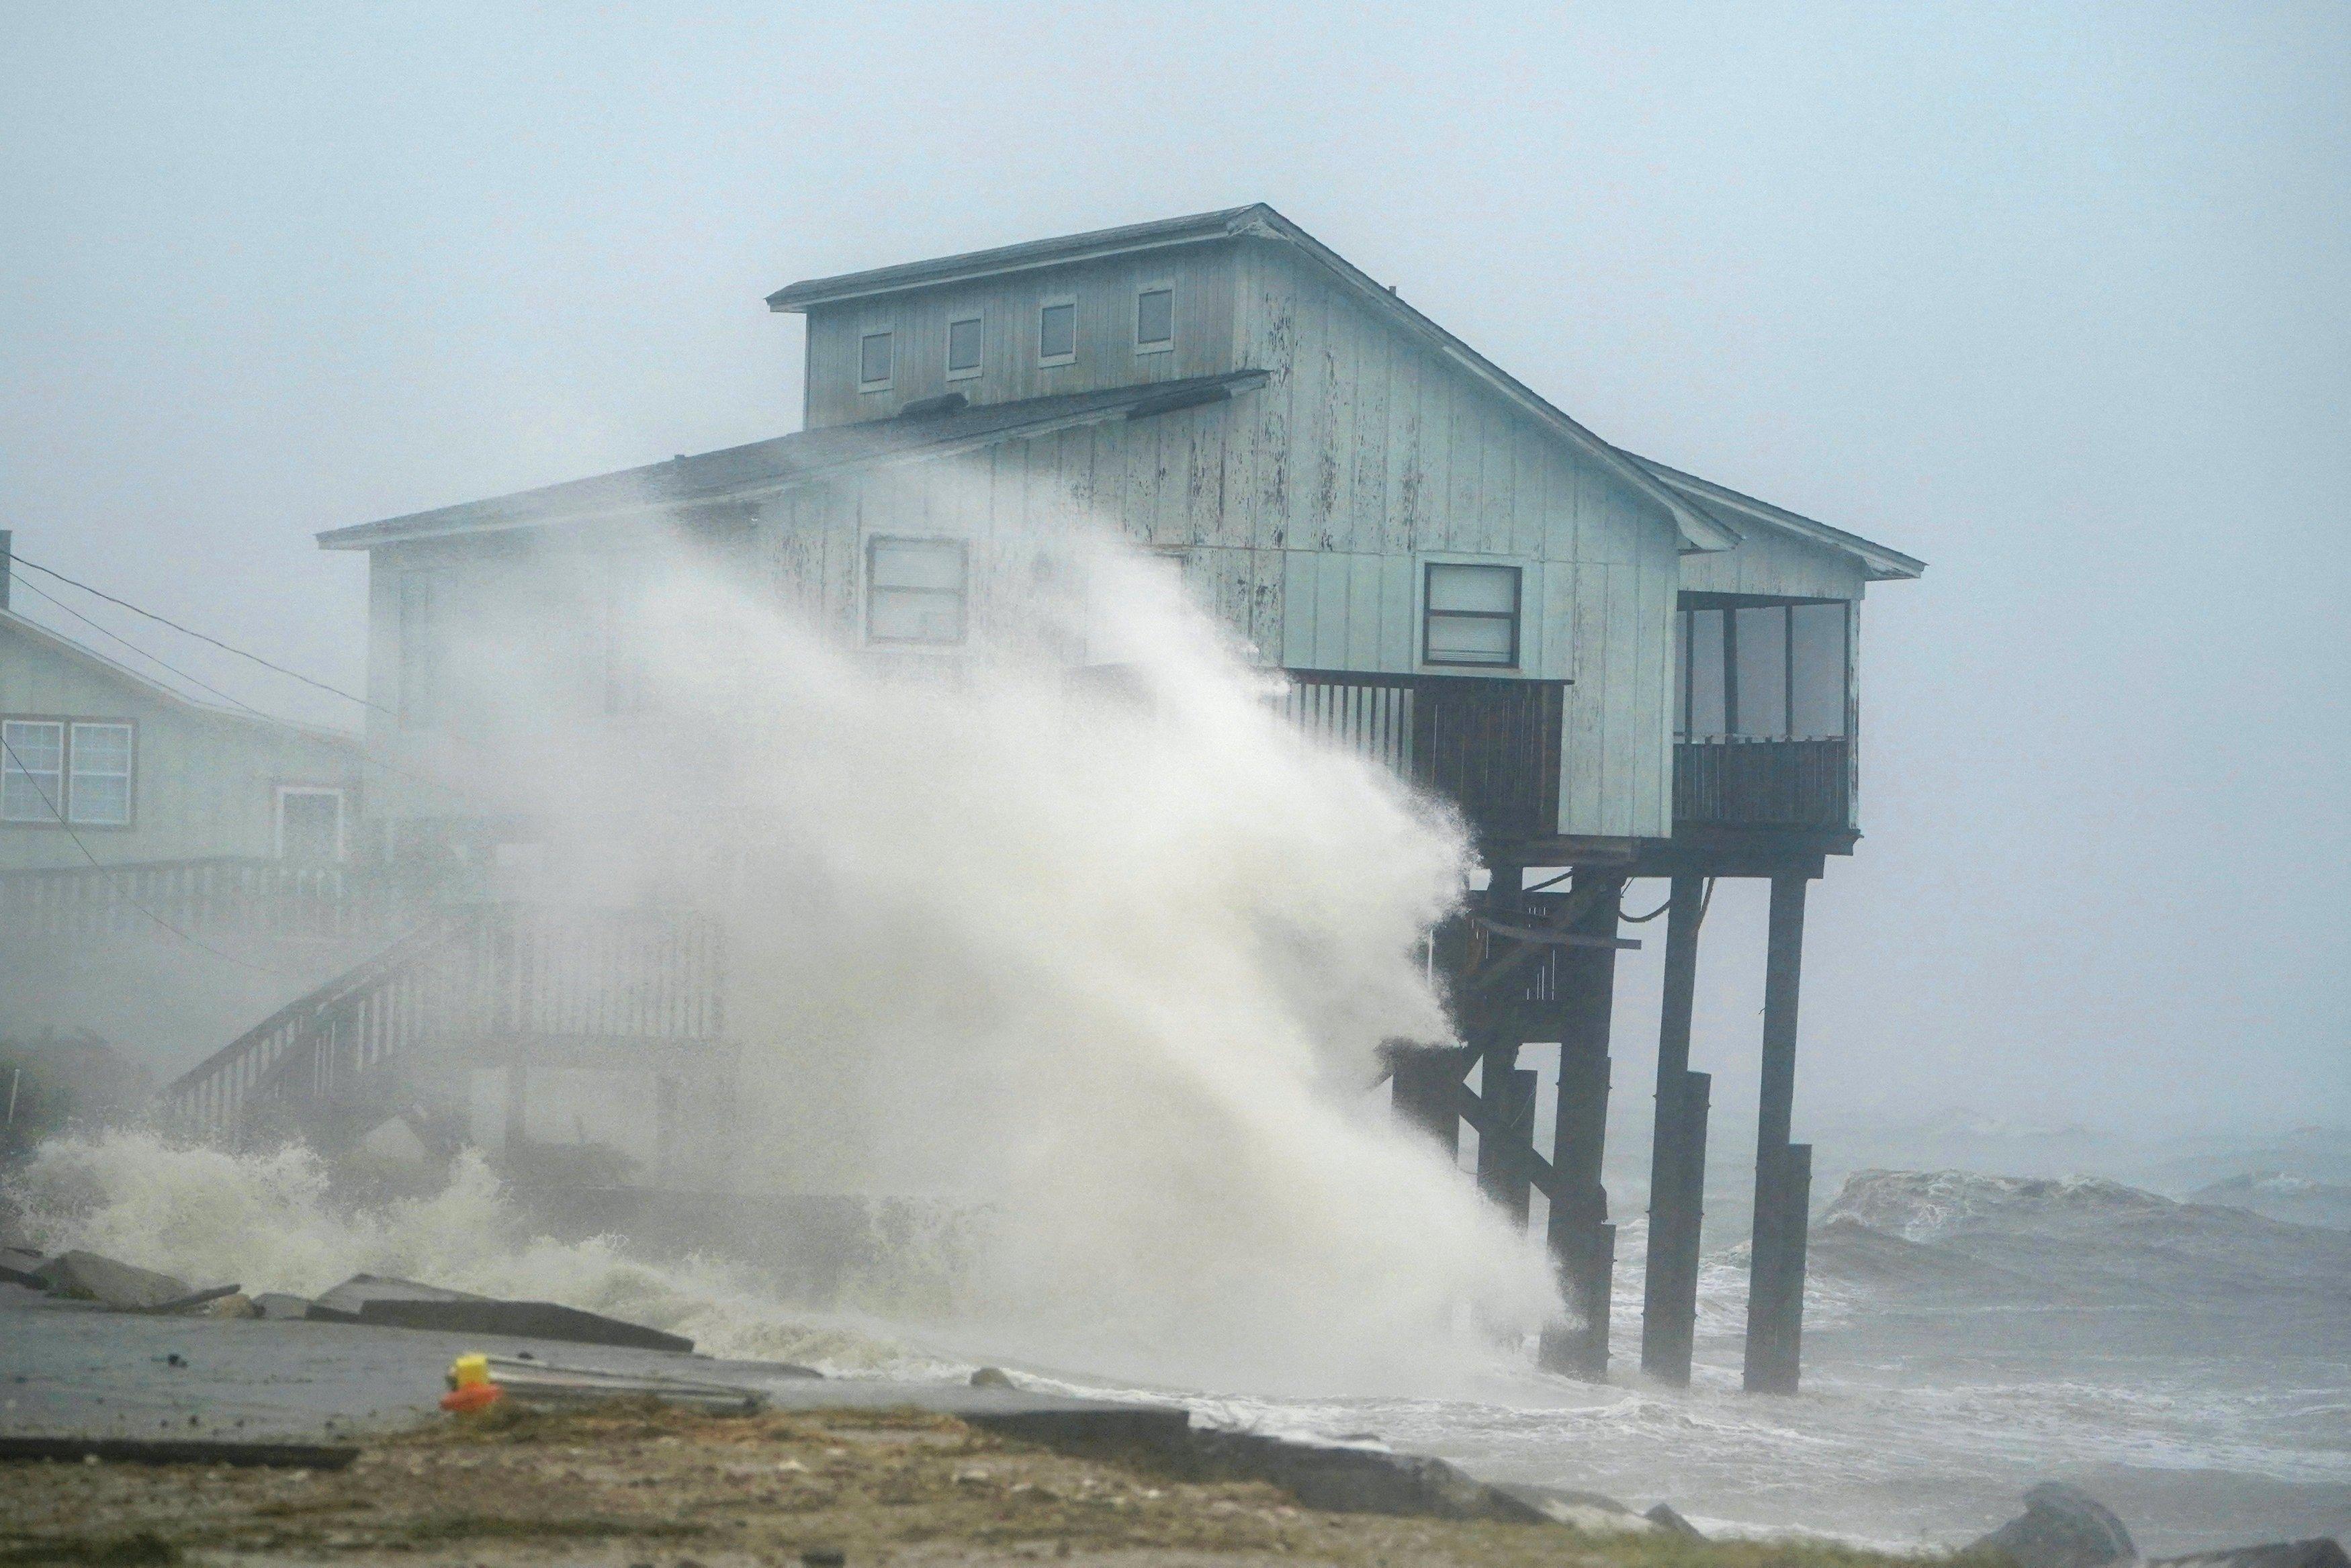 «Ο κυκλώνας του αιώνα» Μάικλ ξεσπιτώνει εκατοντάδες χιλιάδες ανθρώπους στη